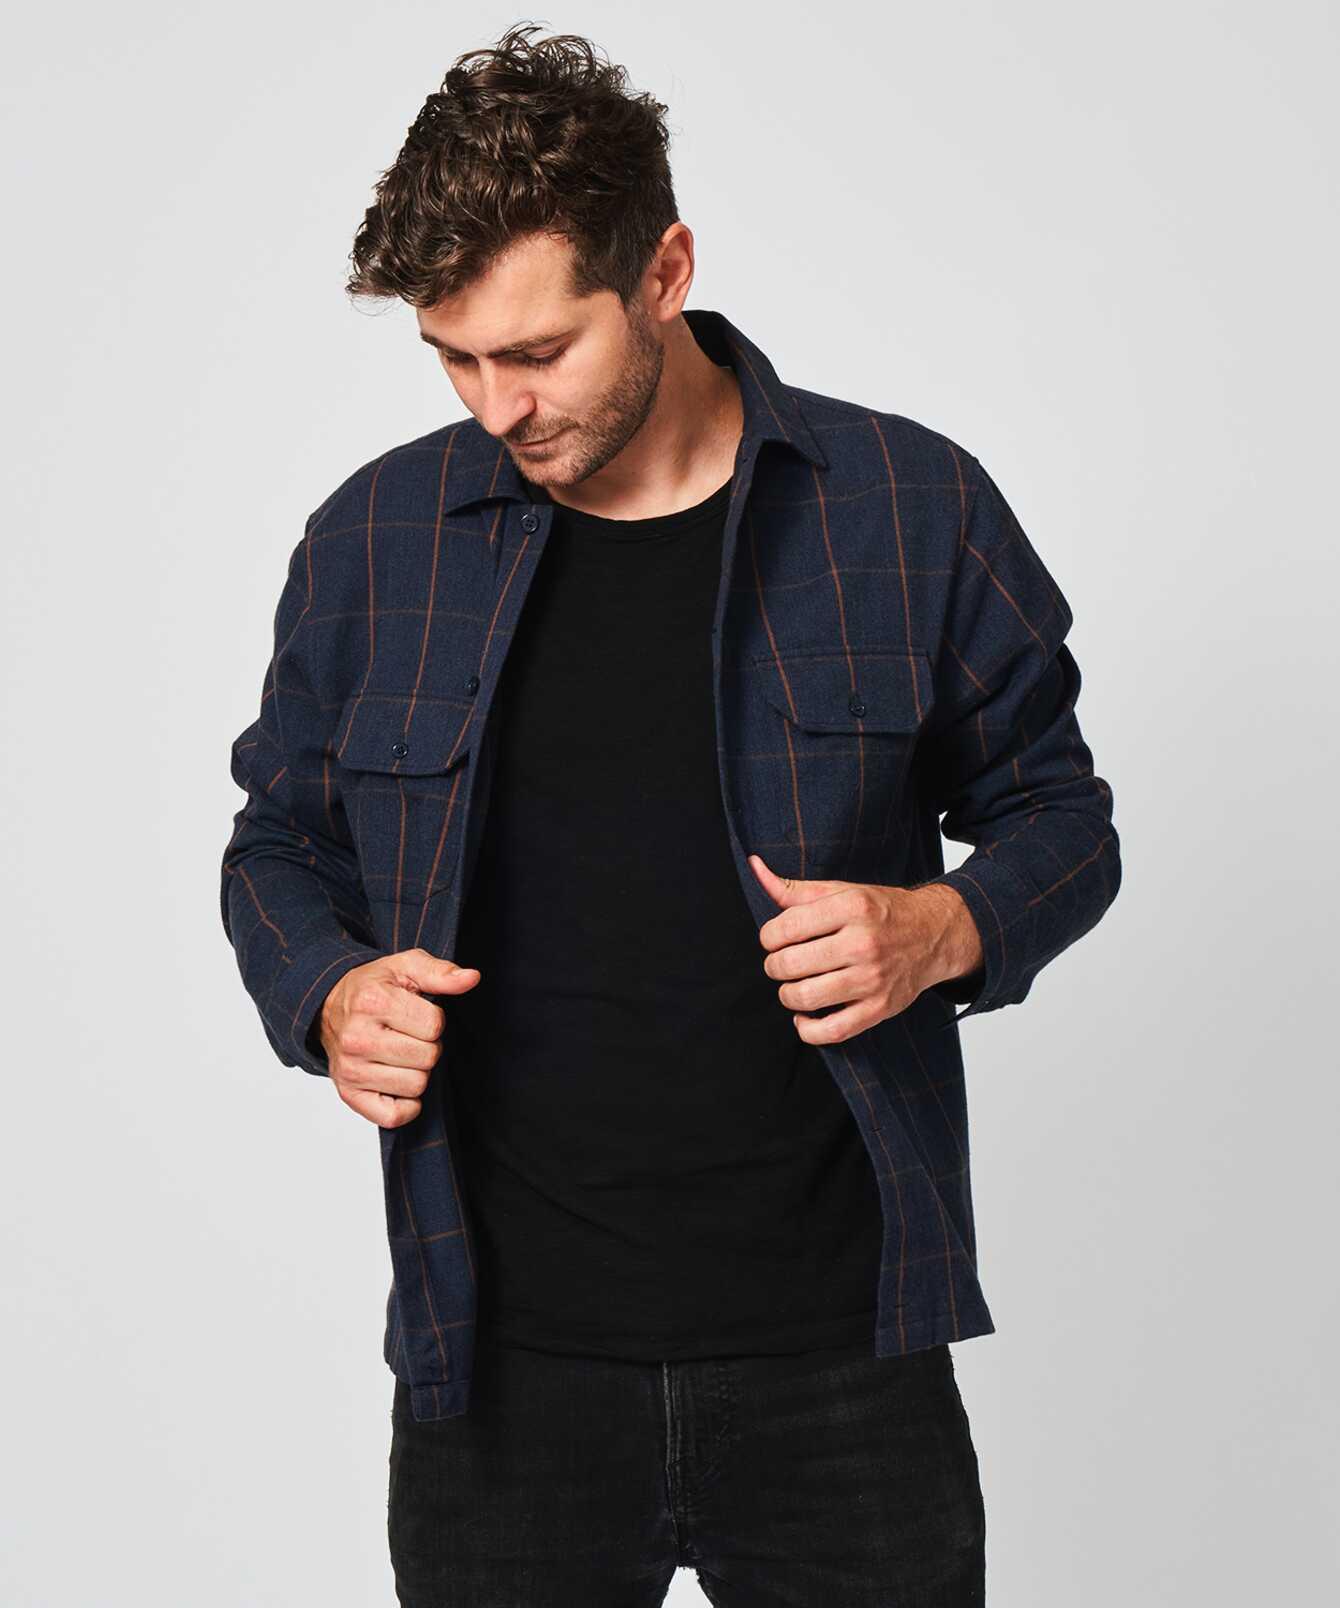 Skjorta Check Overshirt The Shirt Factory